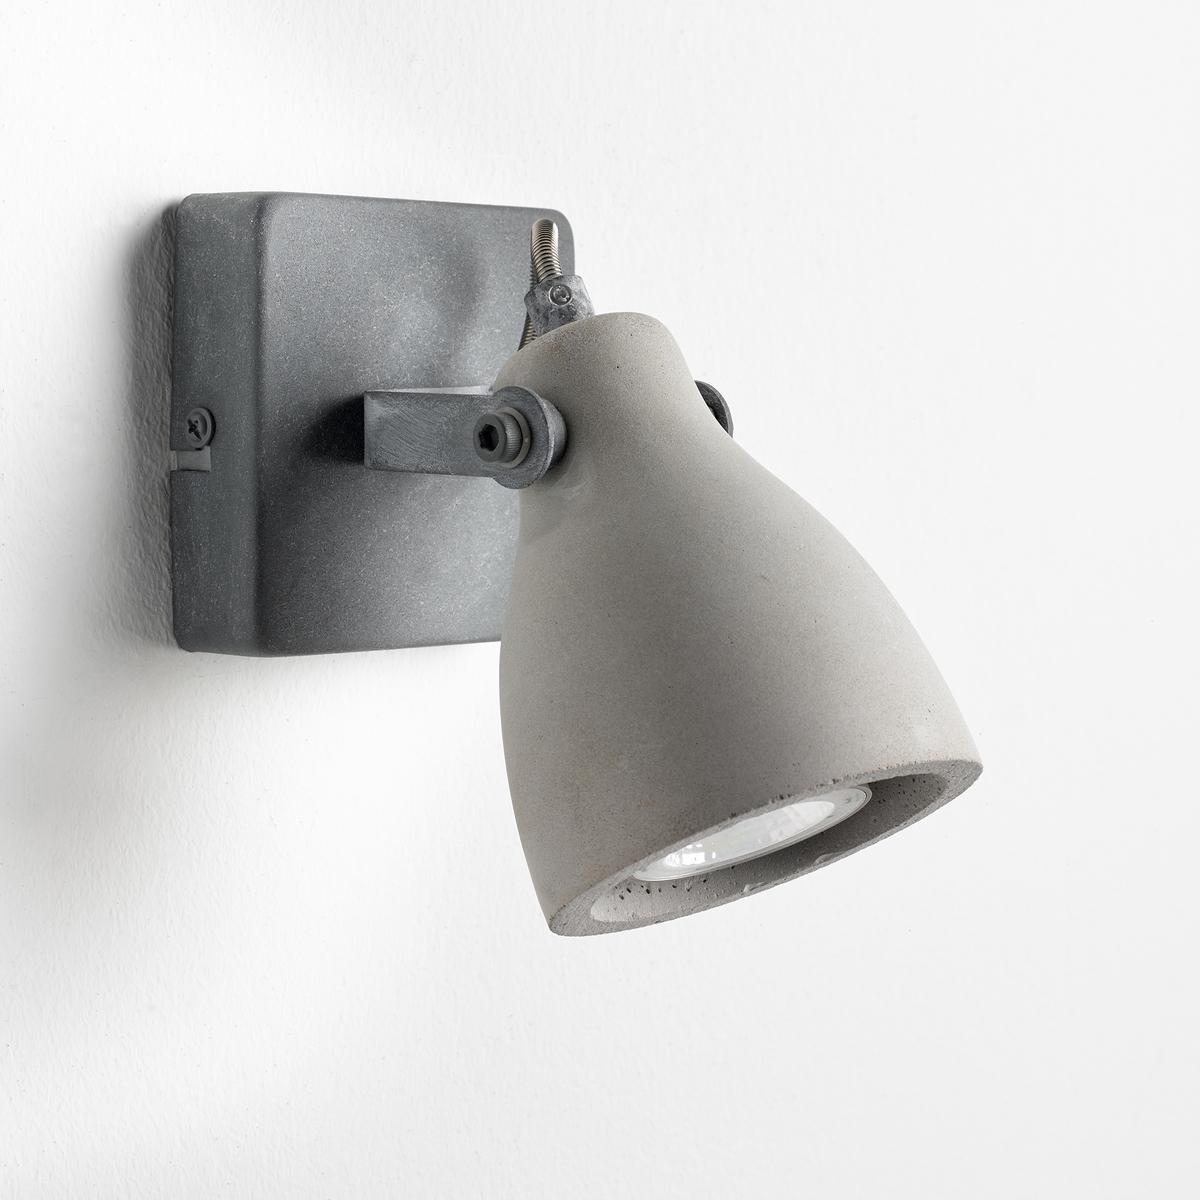 Бра из бетона CimentesБра Cimentes. Сочетание металла и бетона, поворачивающийся бра для направленного света. Бра отлично подойдет для любой комнаты.Характеристики : - Конический диффузор из бетона- Розетка из металла- Патрон G10 для светодиодной лампы макс. 5,8 Вт (продается отдельно)- Совместим с лампами класса энергопотребления A.- Поставляется в собранном виде  Размеры : - Ш.9,5 x В.17,5 x Г.9,5 смРазмеры и вес посылки: - Ш.45 x В.41 x Г.32 см, 1,2 кг<br><br>Цвет: серый бетонный